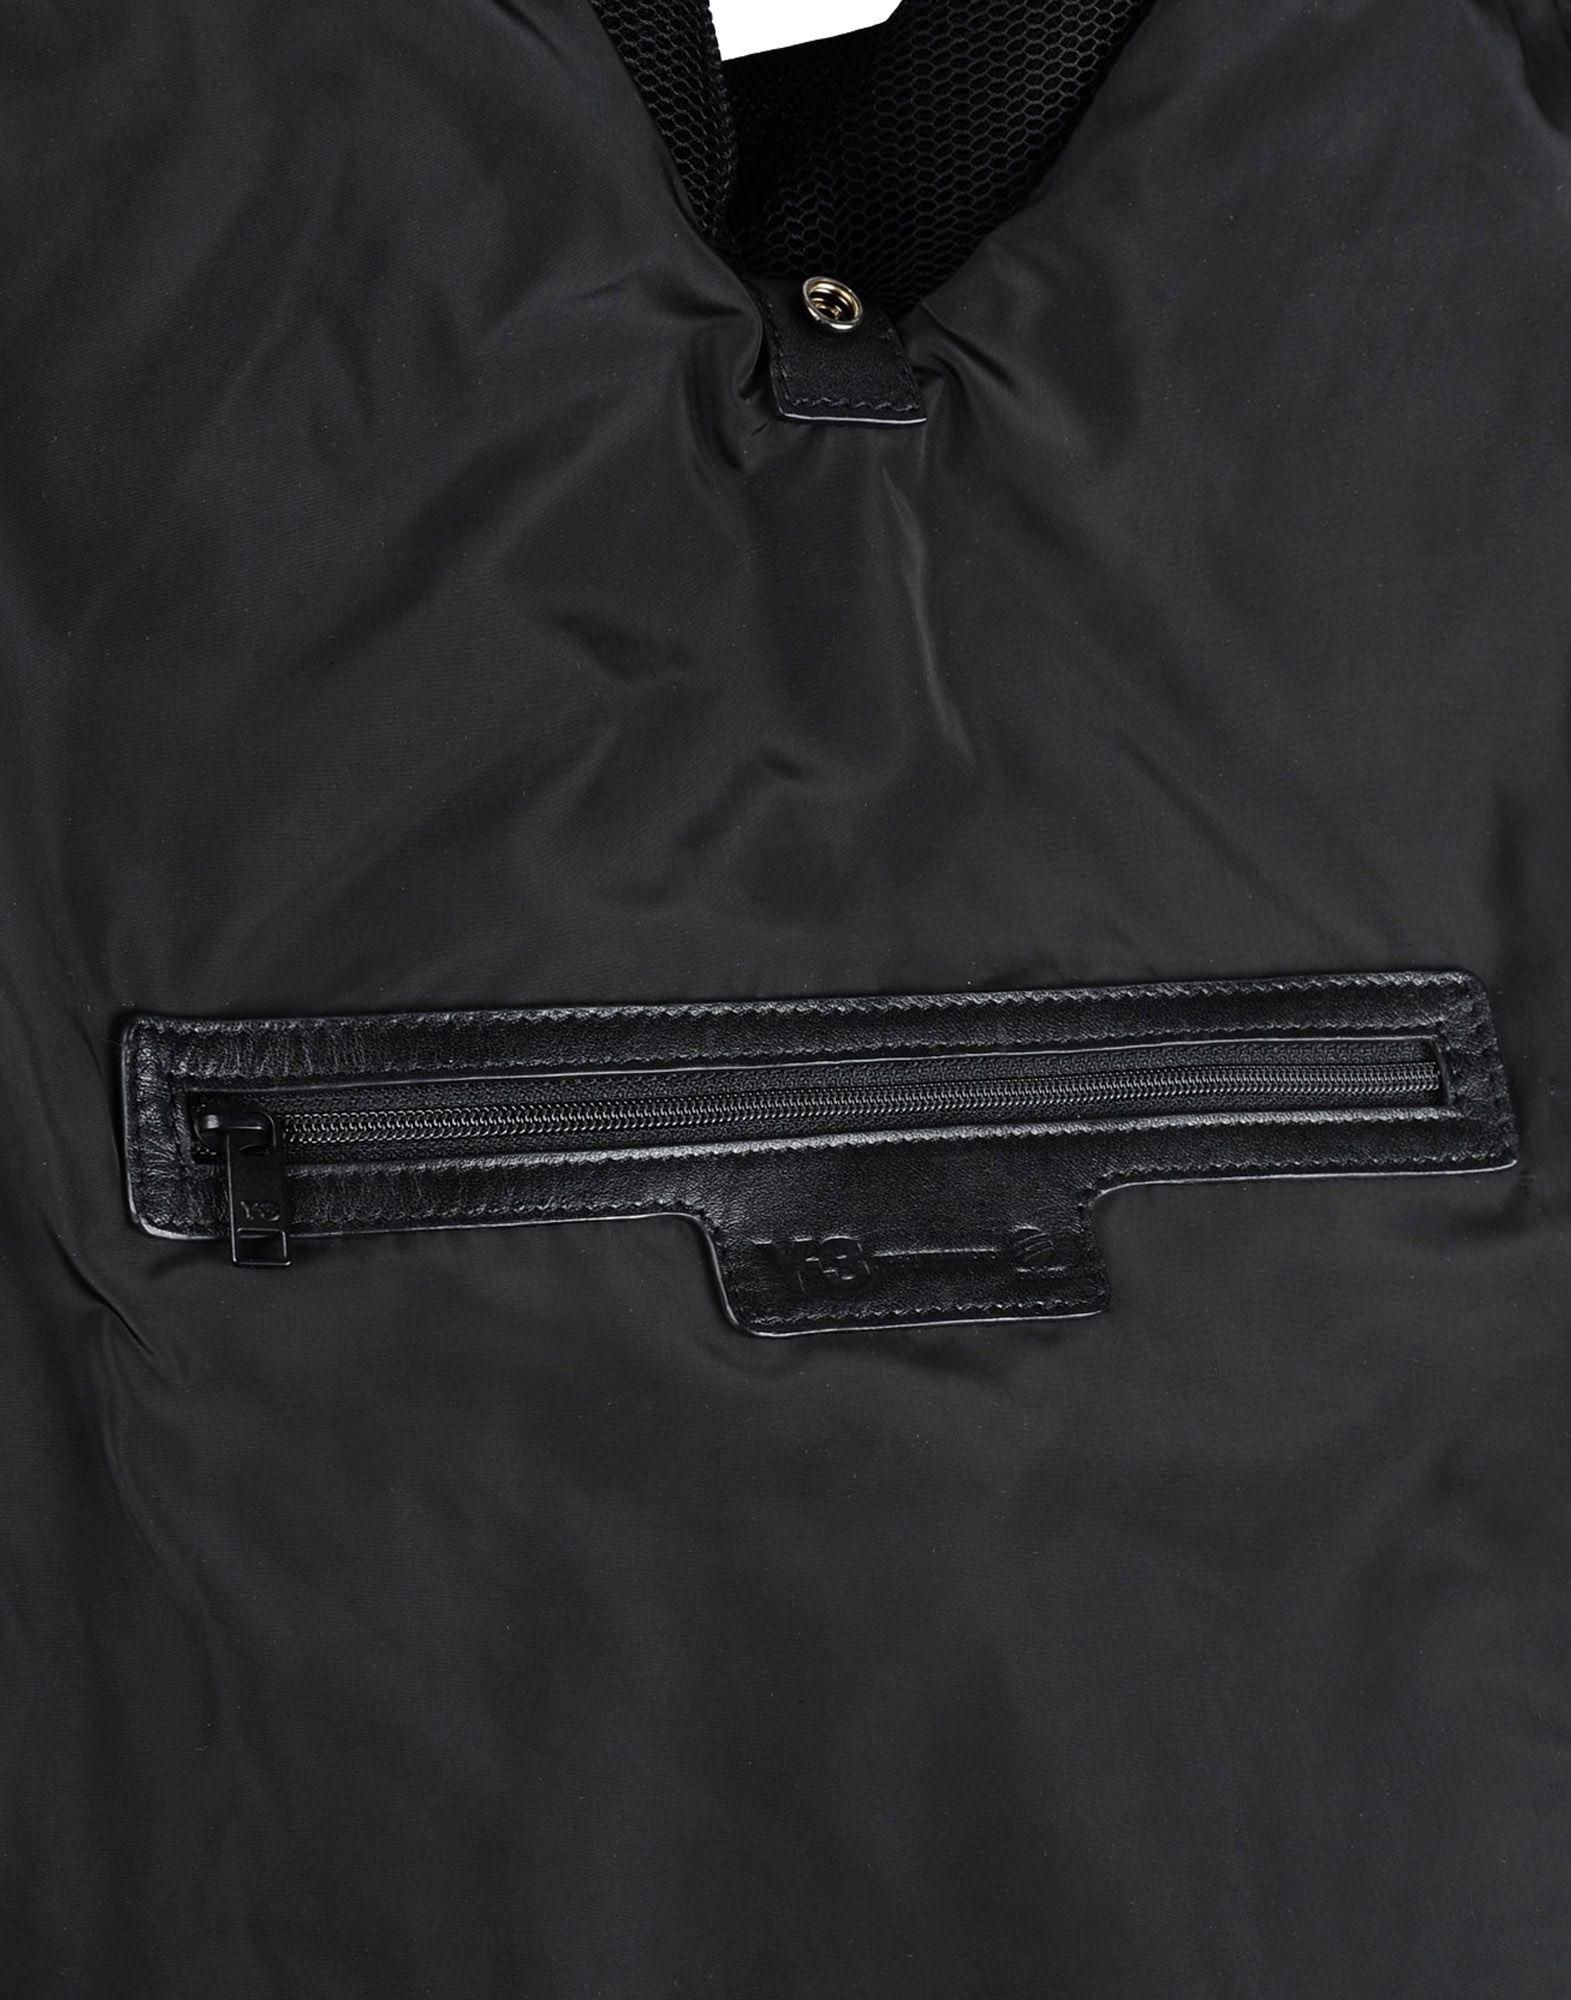 Y-3 SHOULDERBAG BLACK BAGS woman Y-3 adidas